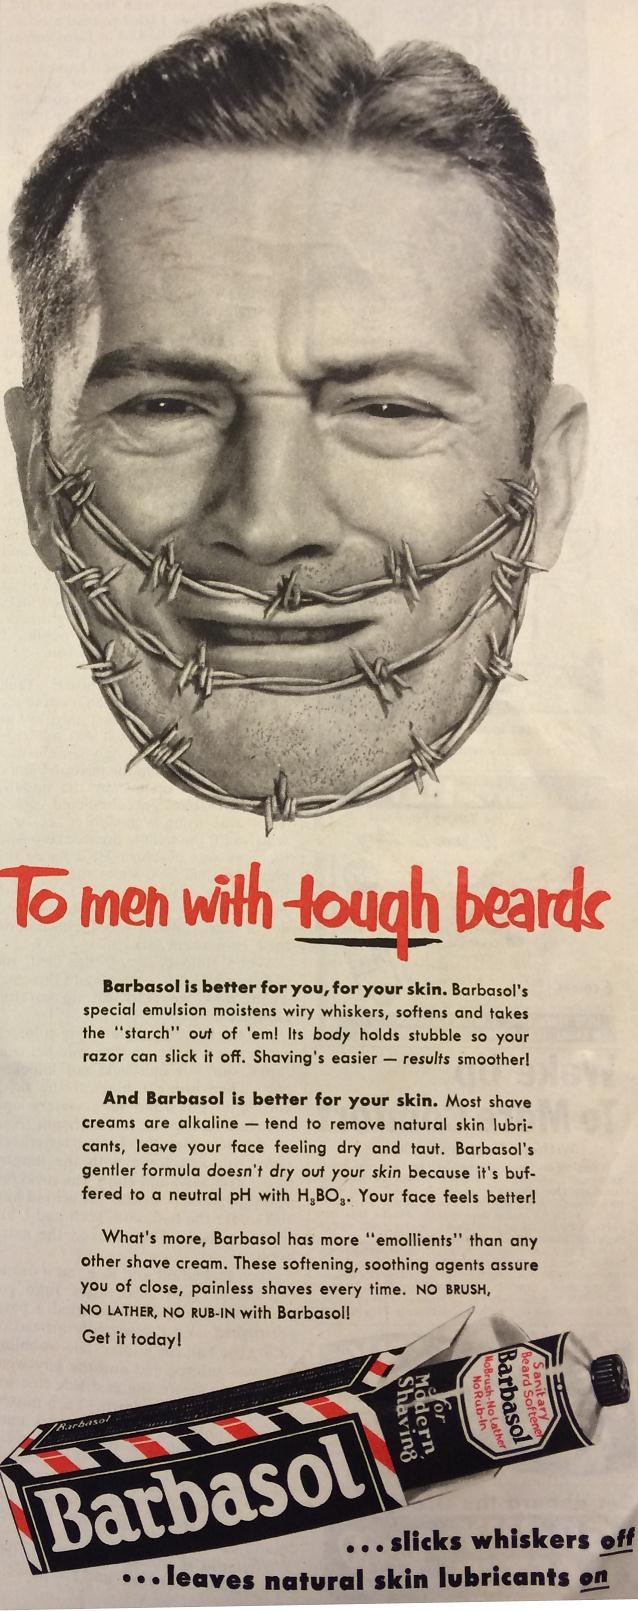 DK - tough beards